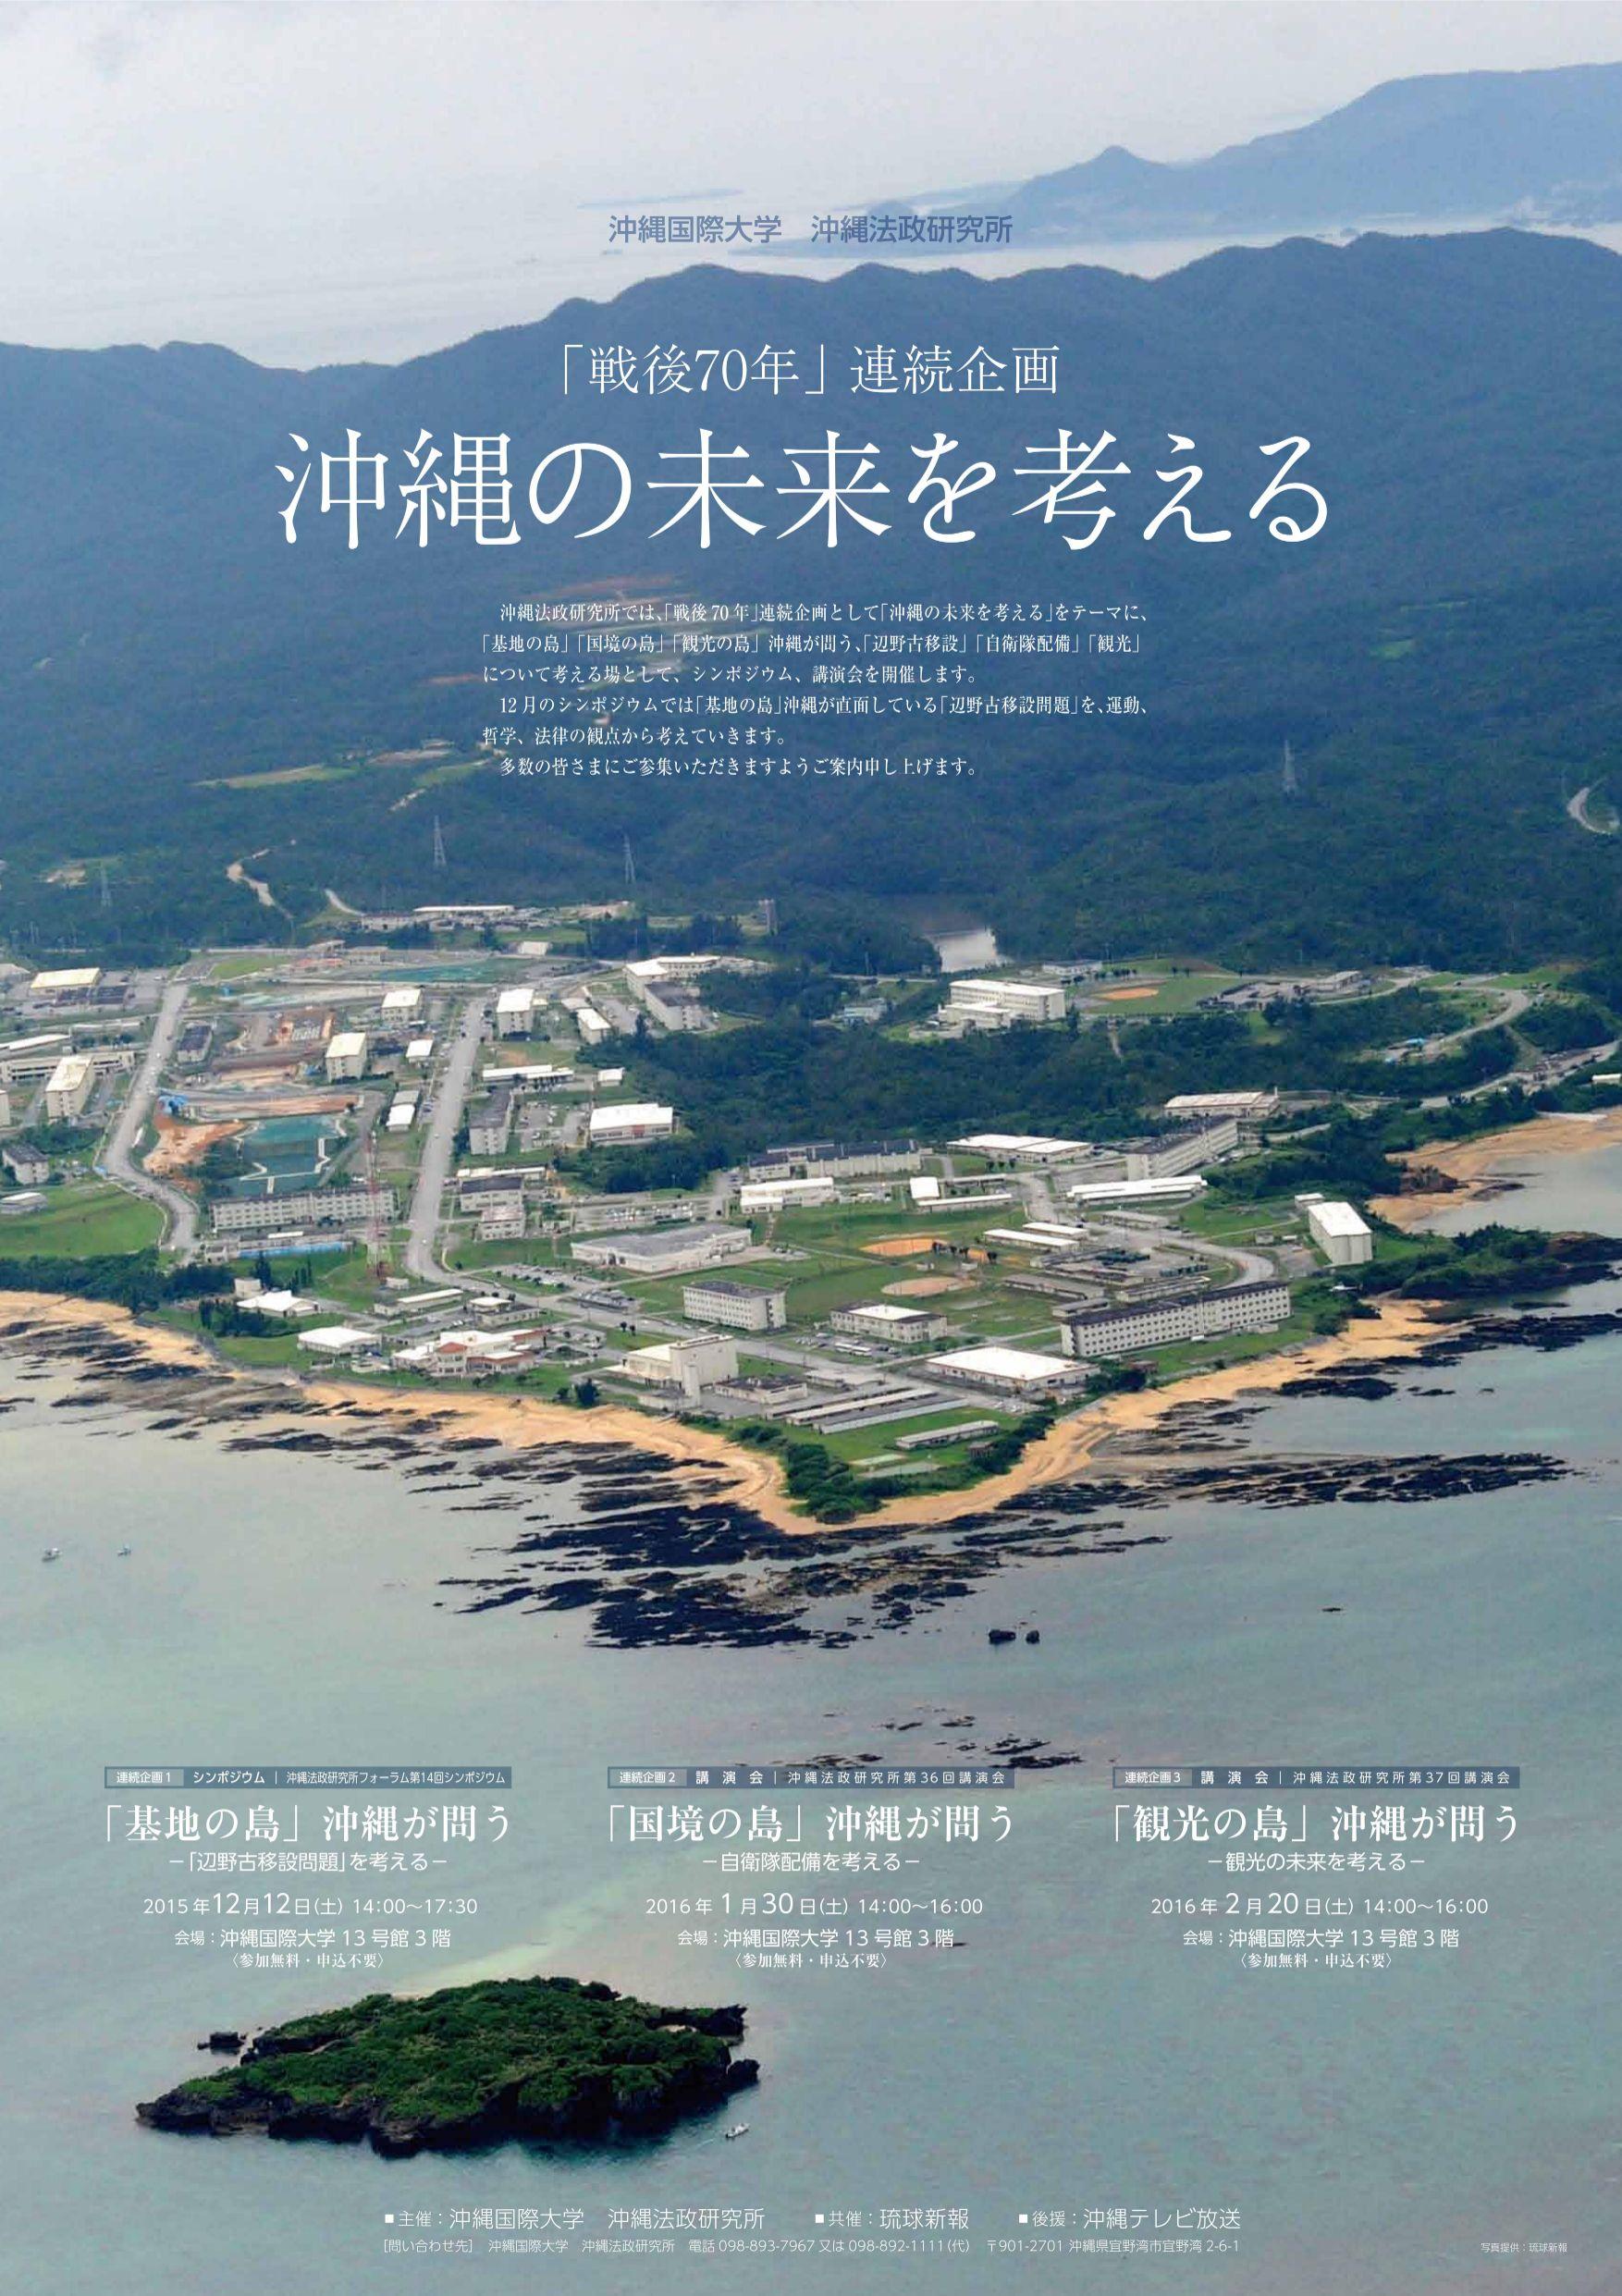 2015年 「戦後70年」沖縄の未来を考える